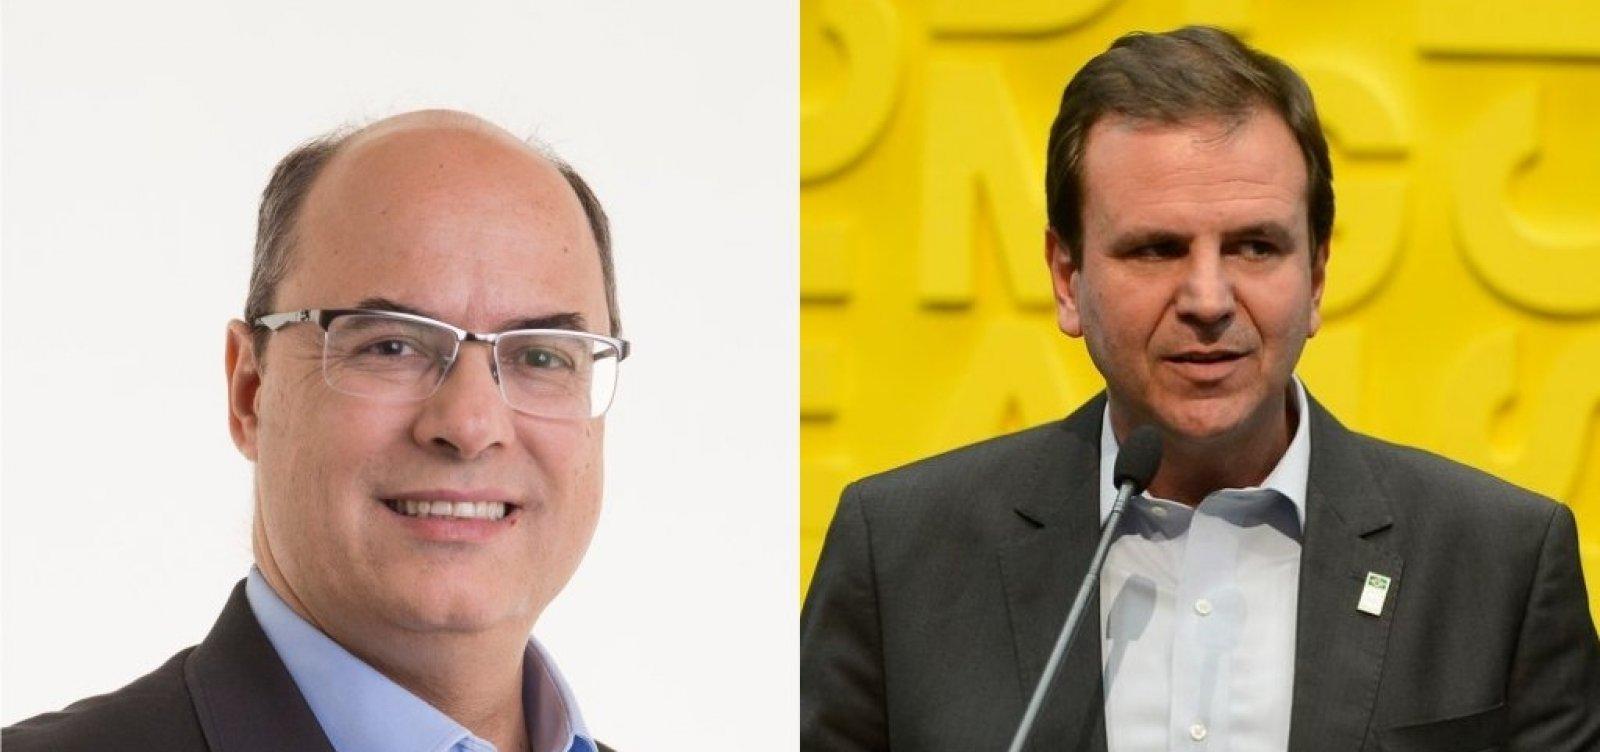 Boca de urna: Ibope aponta Witzel com 55% e Paes com 45%